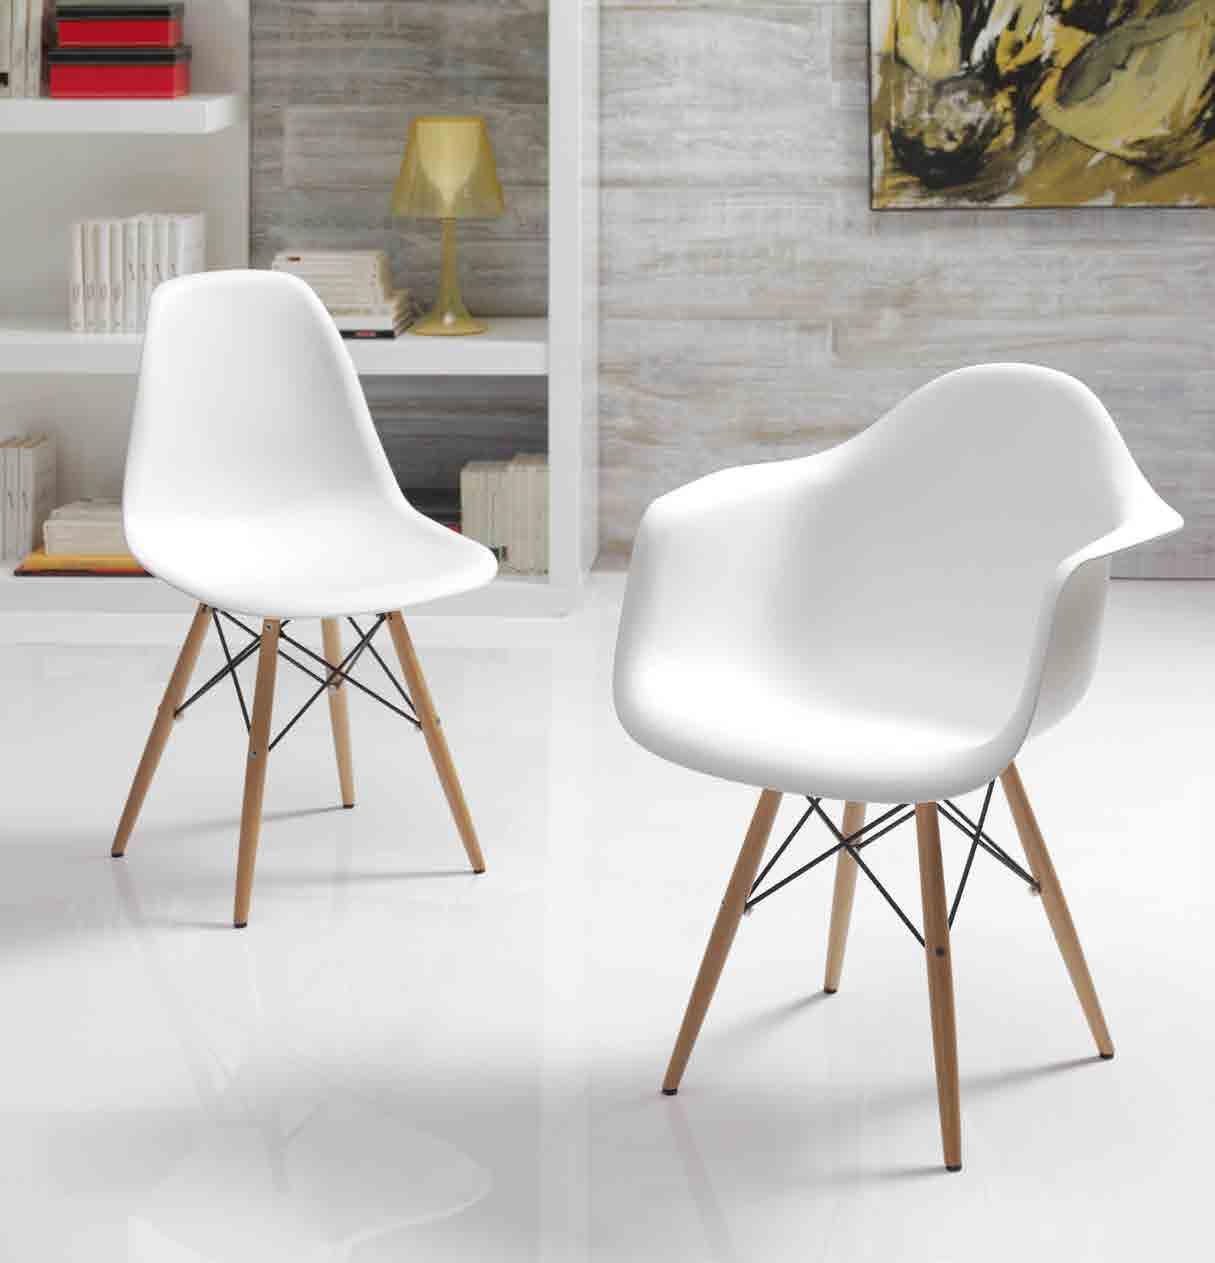 Promociones muebles xikara for Sillas de estilo